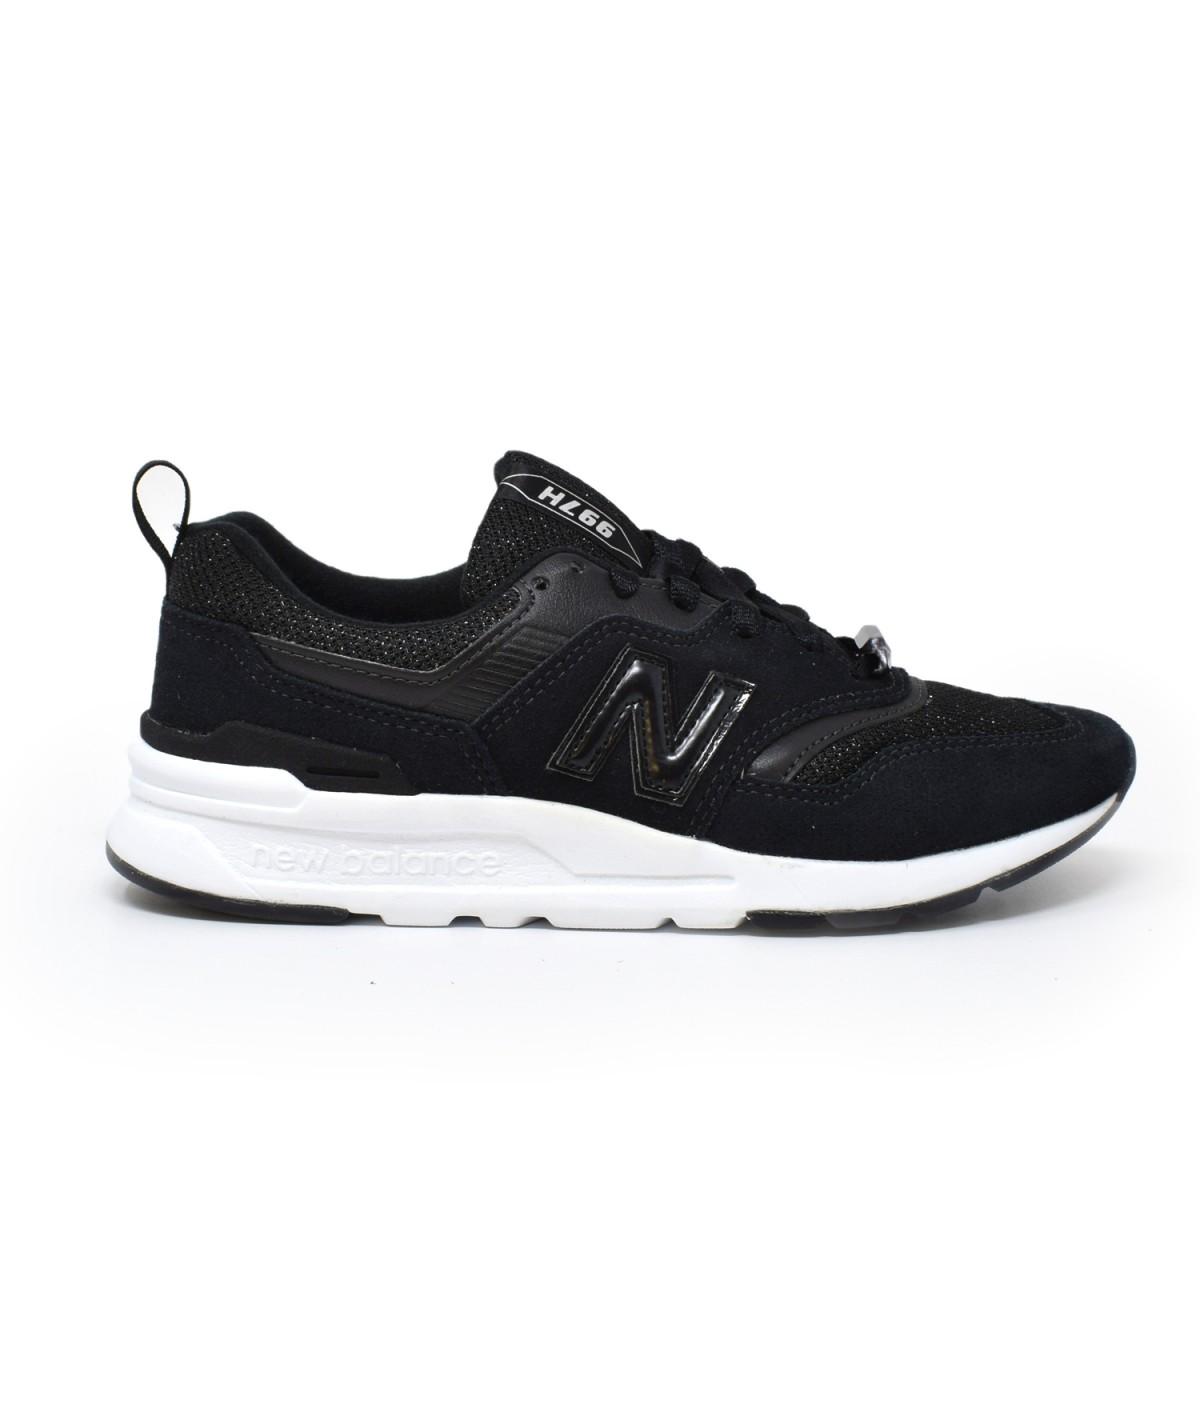 Buy New Balance 997 HJB Sneaker women black white